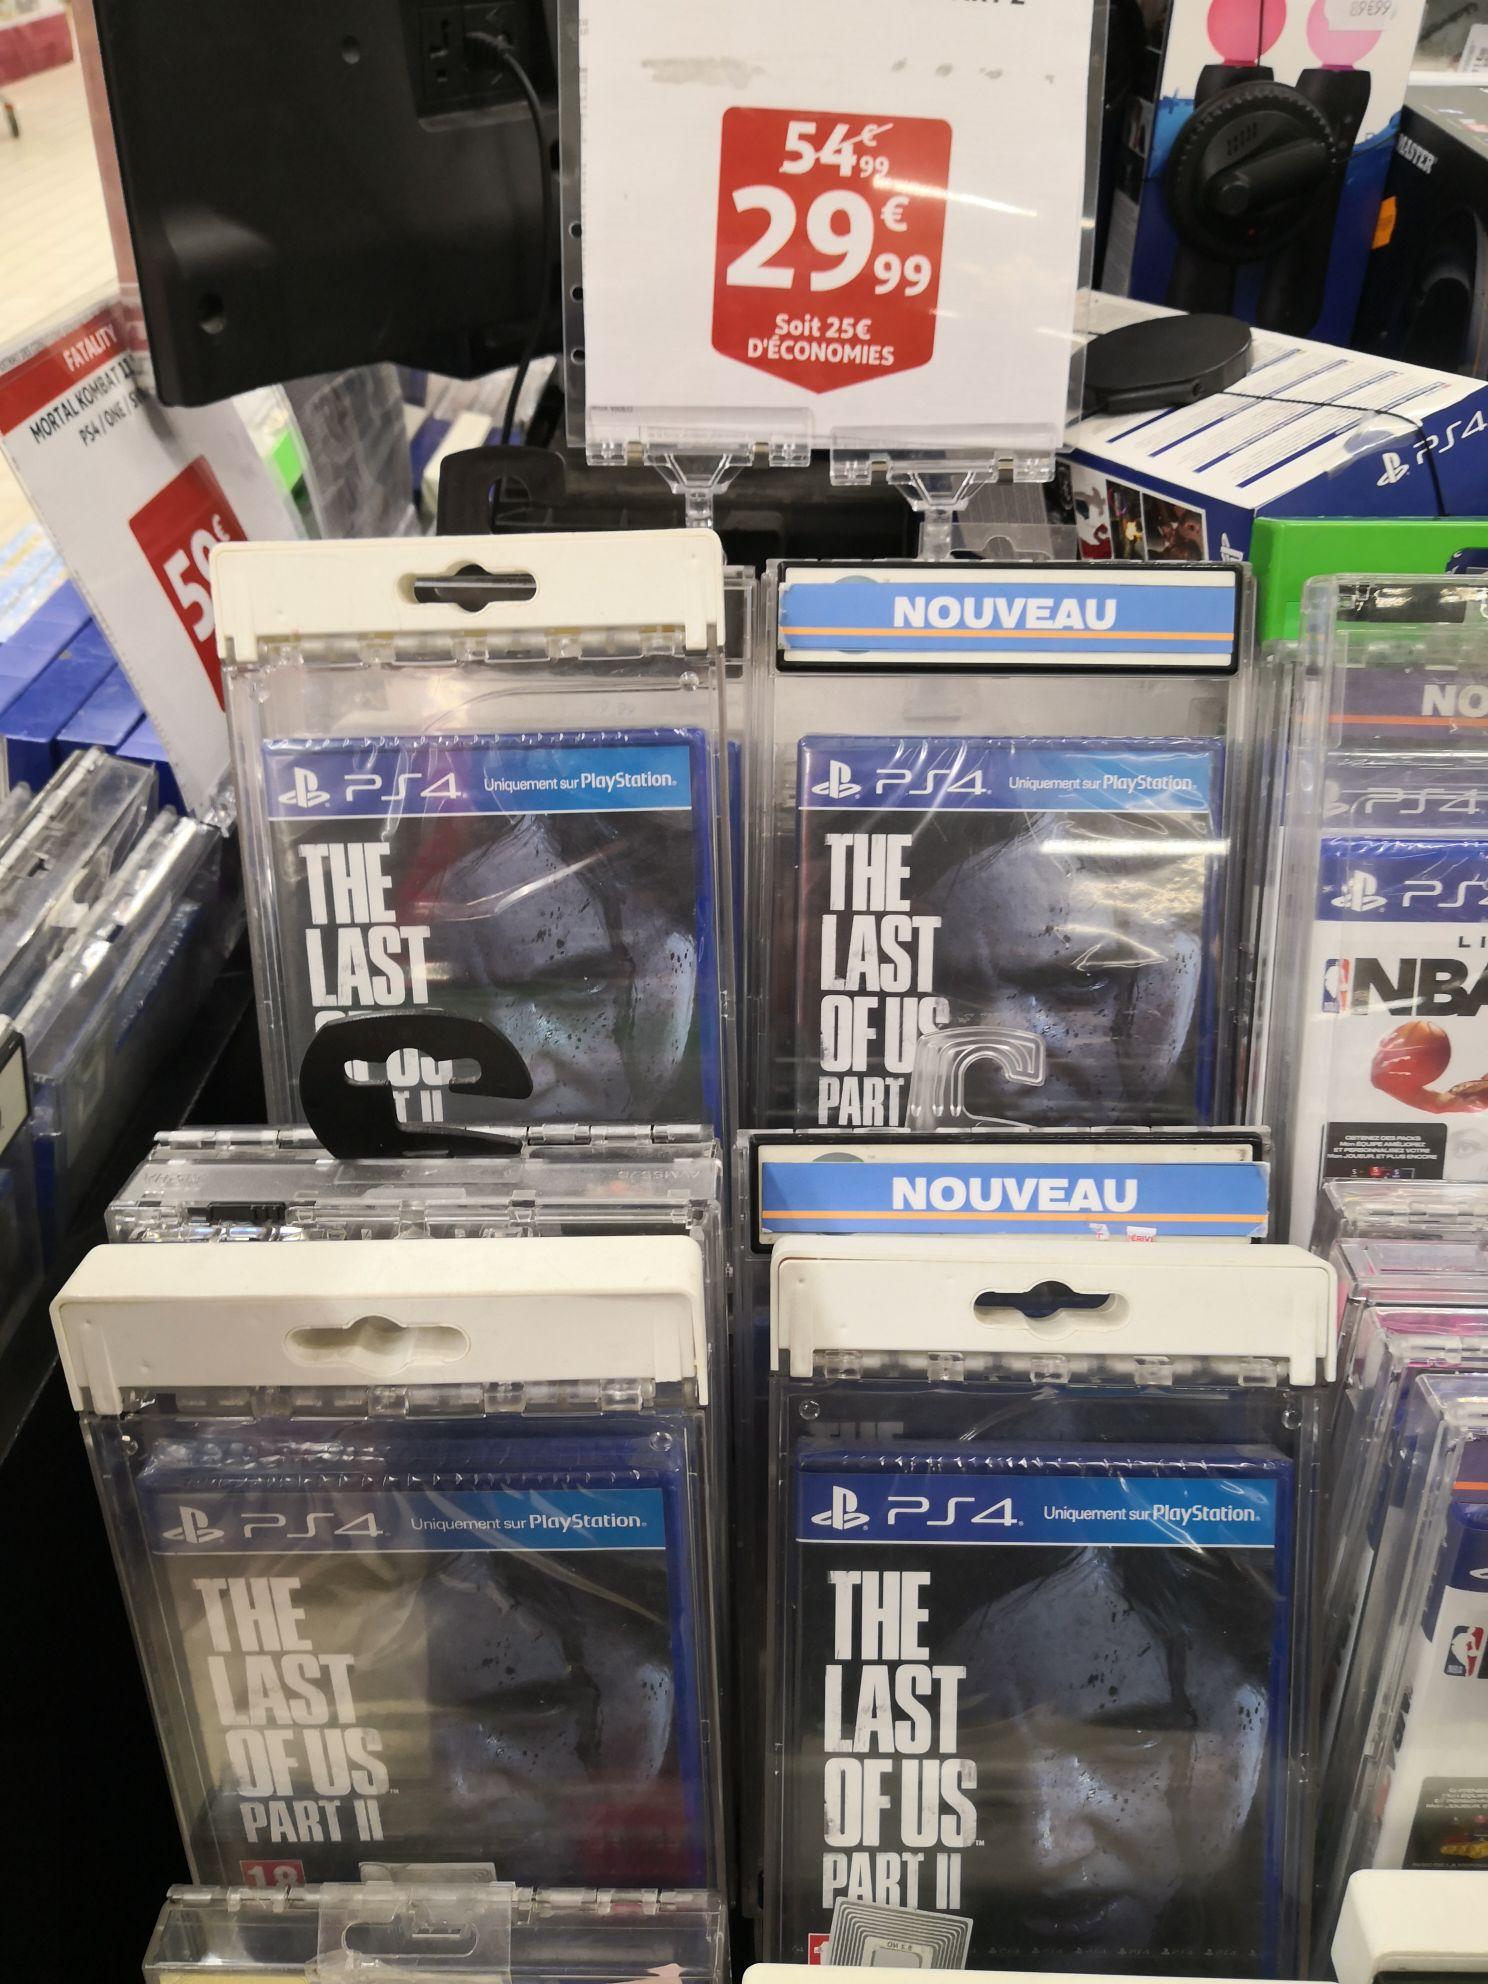 Last of Us part 2 sur PS4 - Annecy (74)